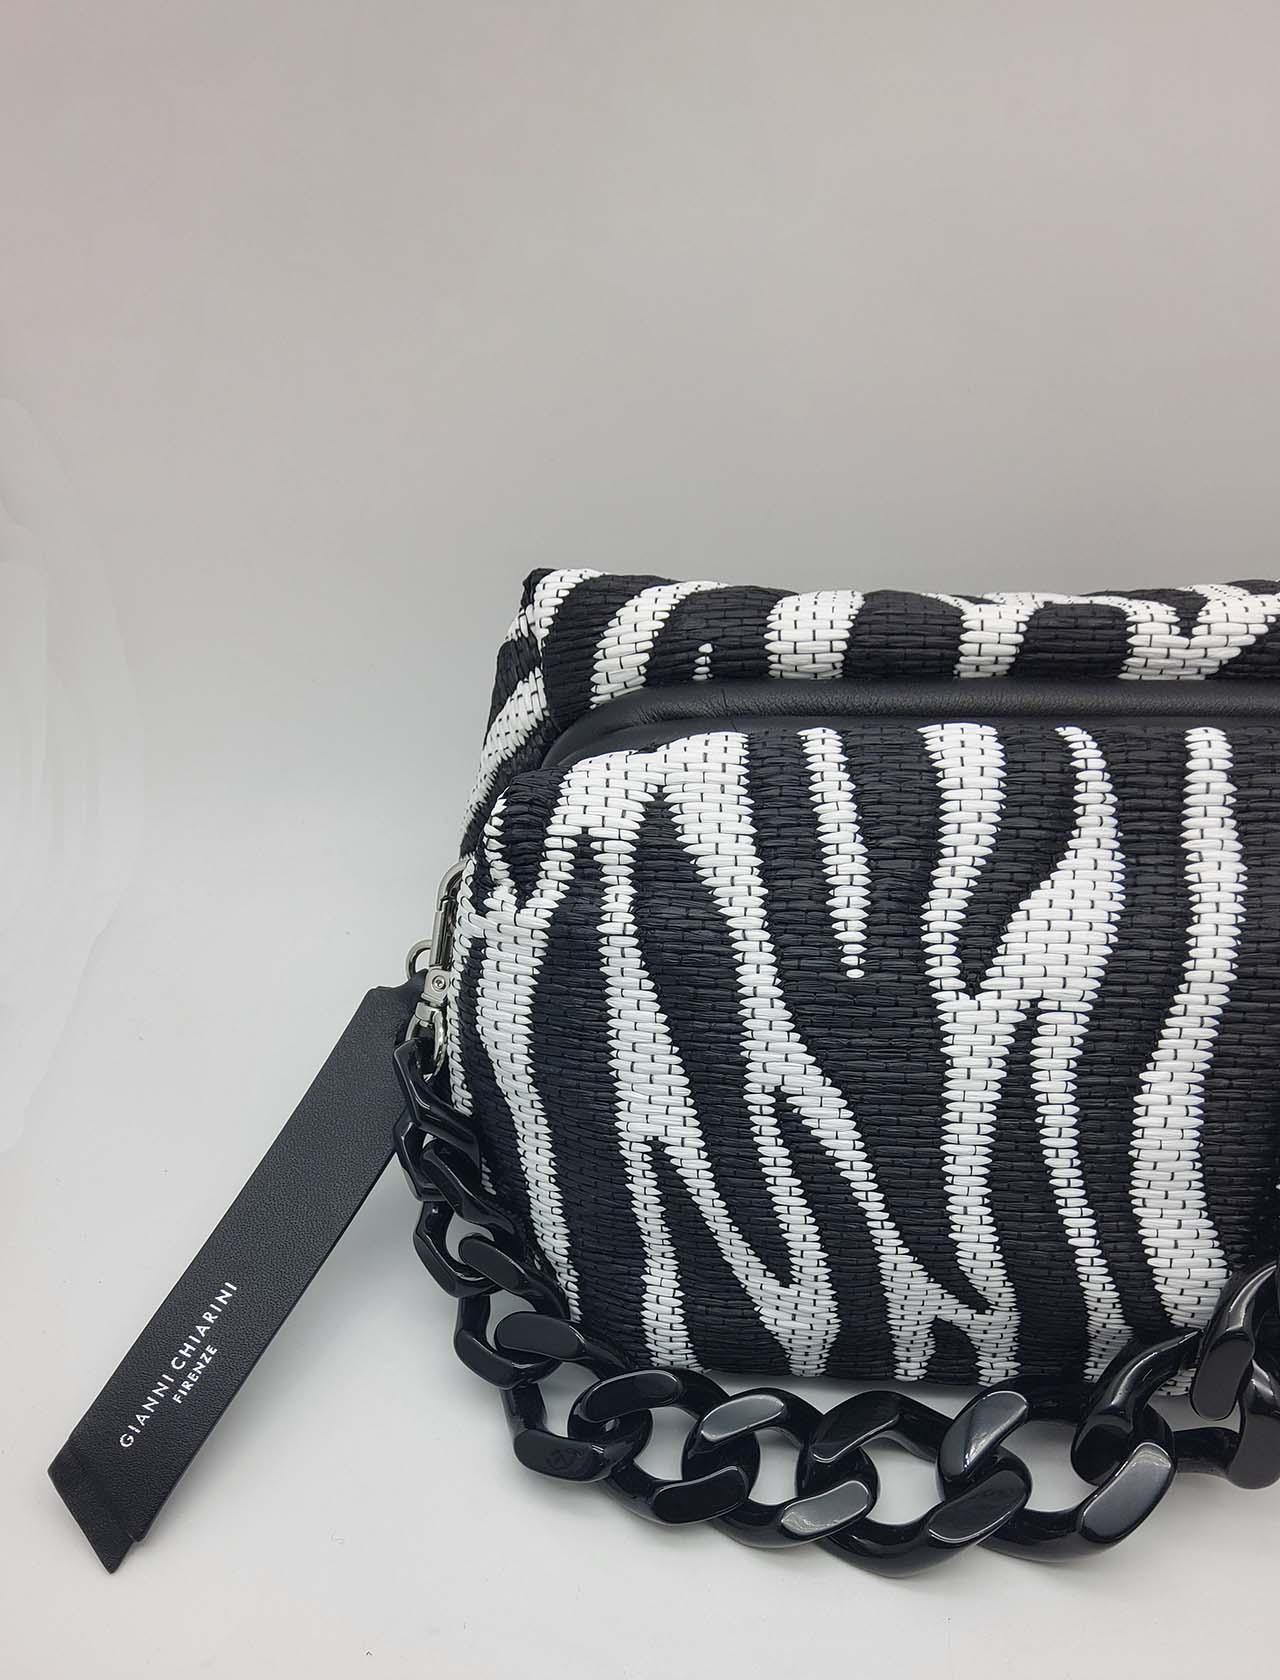 Borsa Donna Colette Tessuto E Pelle Animalier Zebra Bianco E Nero Con Catena Nera E Tracolla Removibile Gianni Chiarini | Borse e zaini | BS840511770